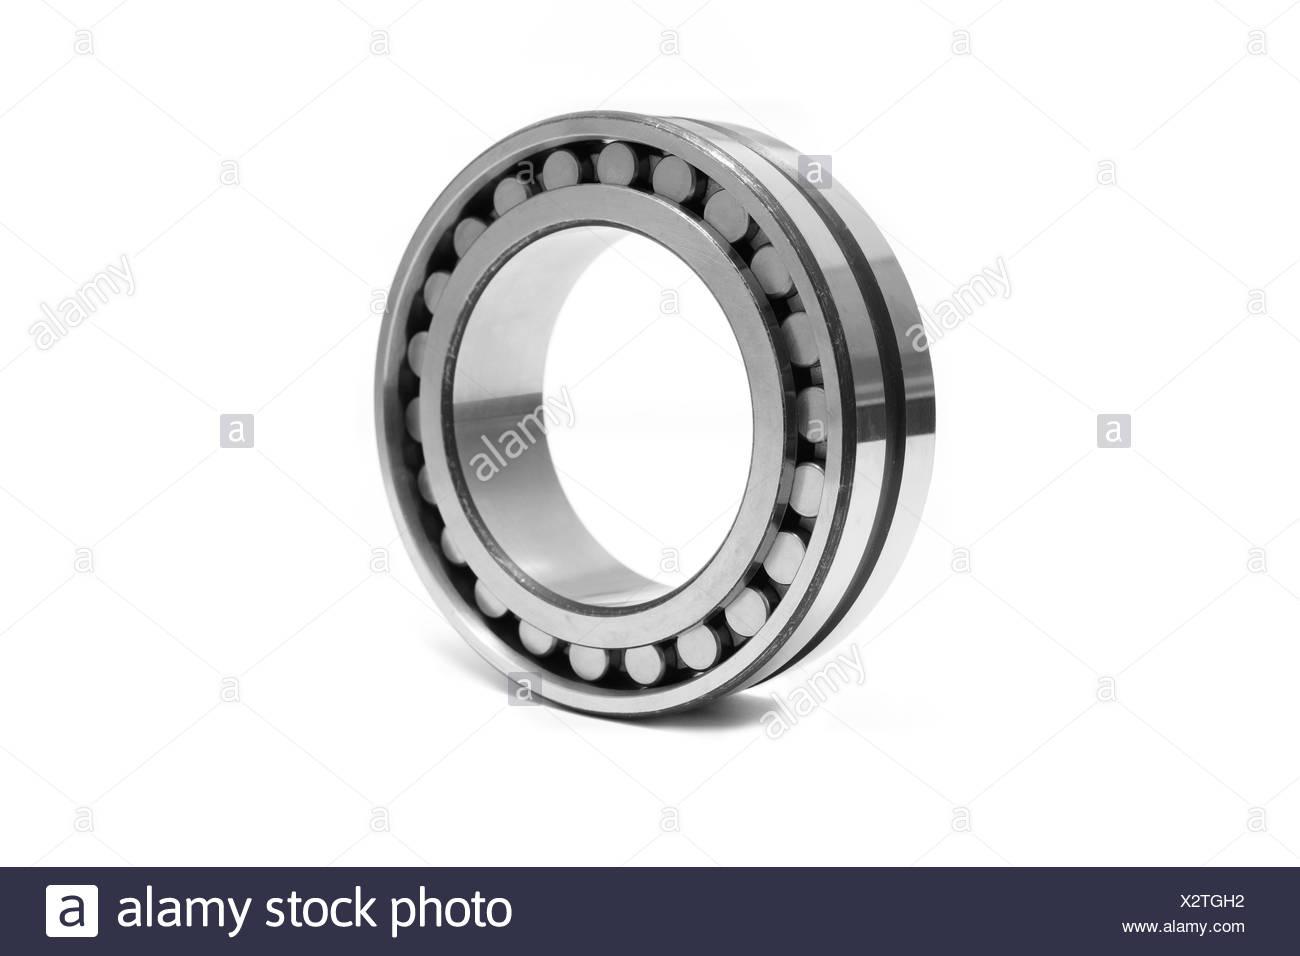 Radial - thrust bearing - Stock Image